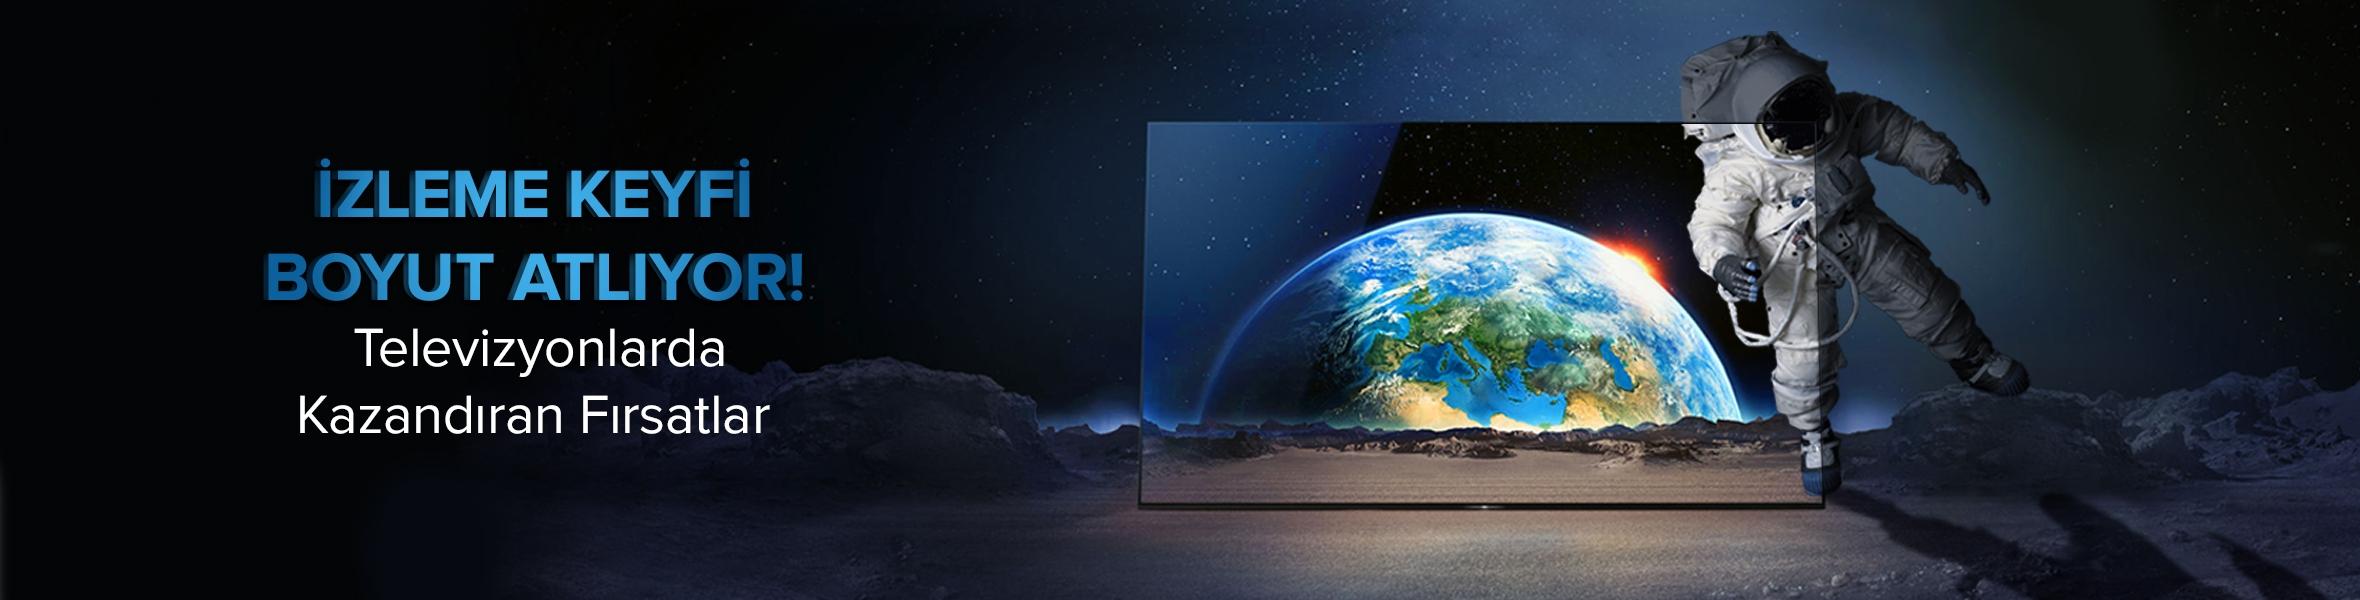 Televizyonlarda Kazandıran Fırsatlar